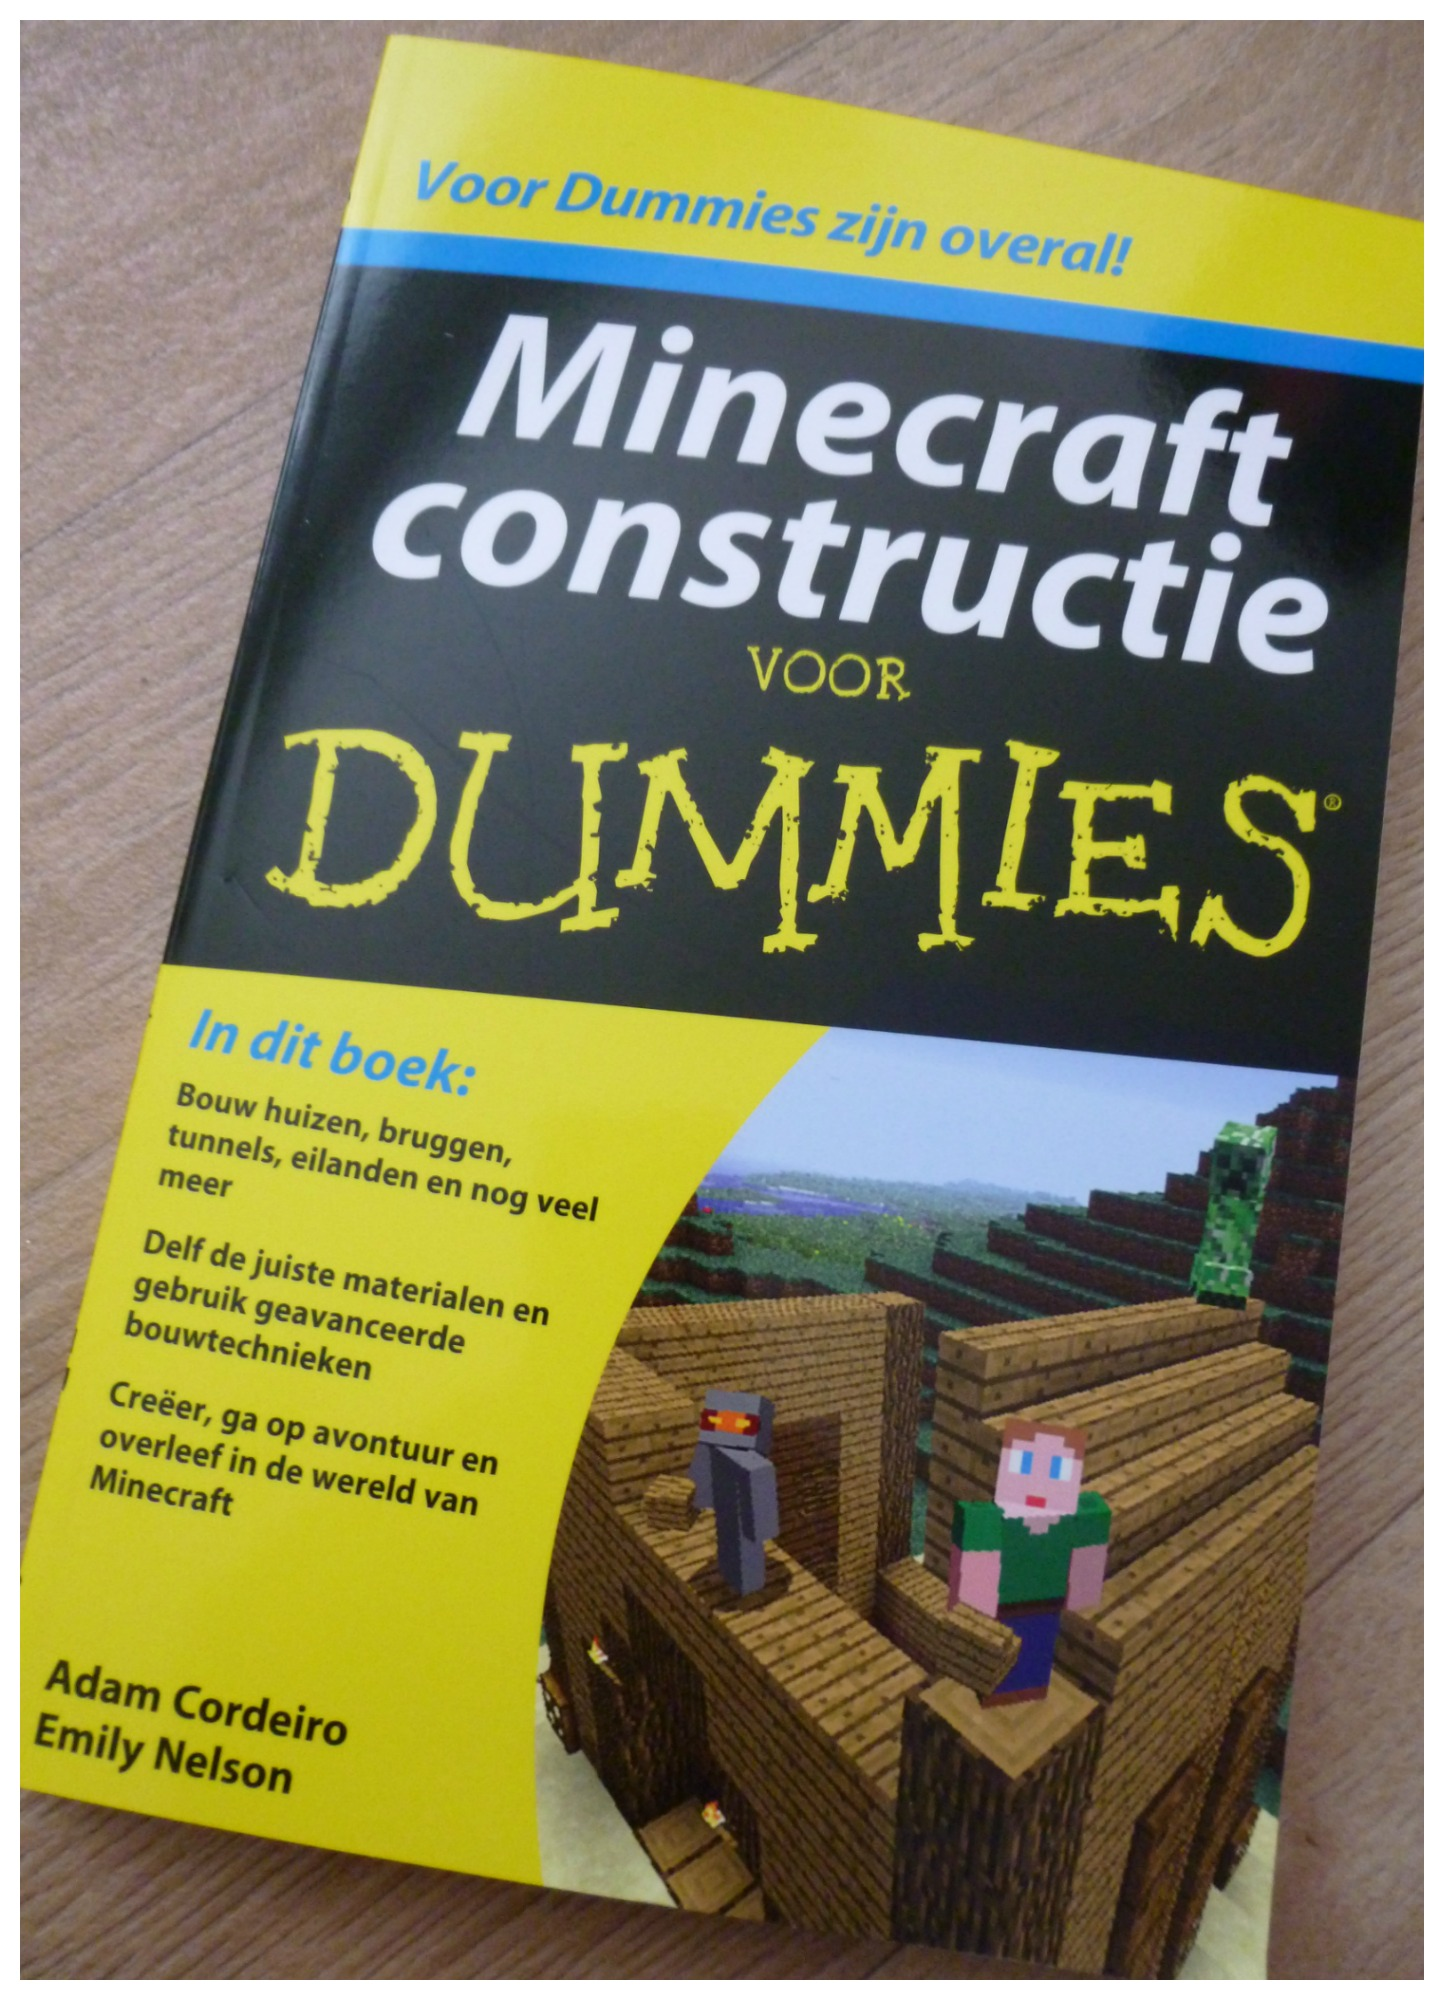 Verwonderend Minecraft constructies voor Dummies [recensie] PA-15